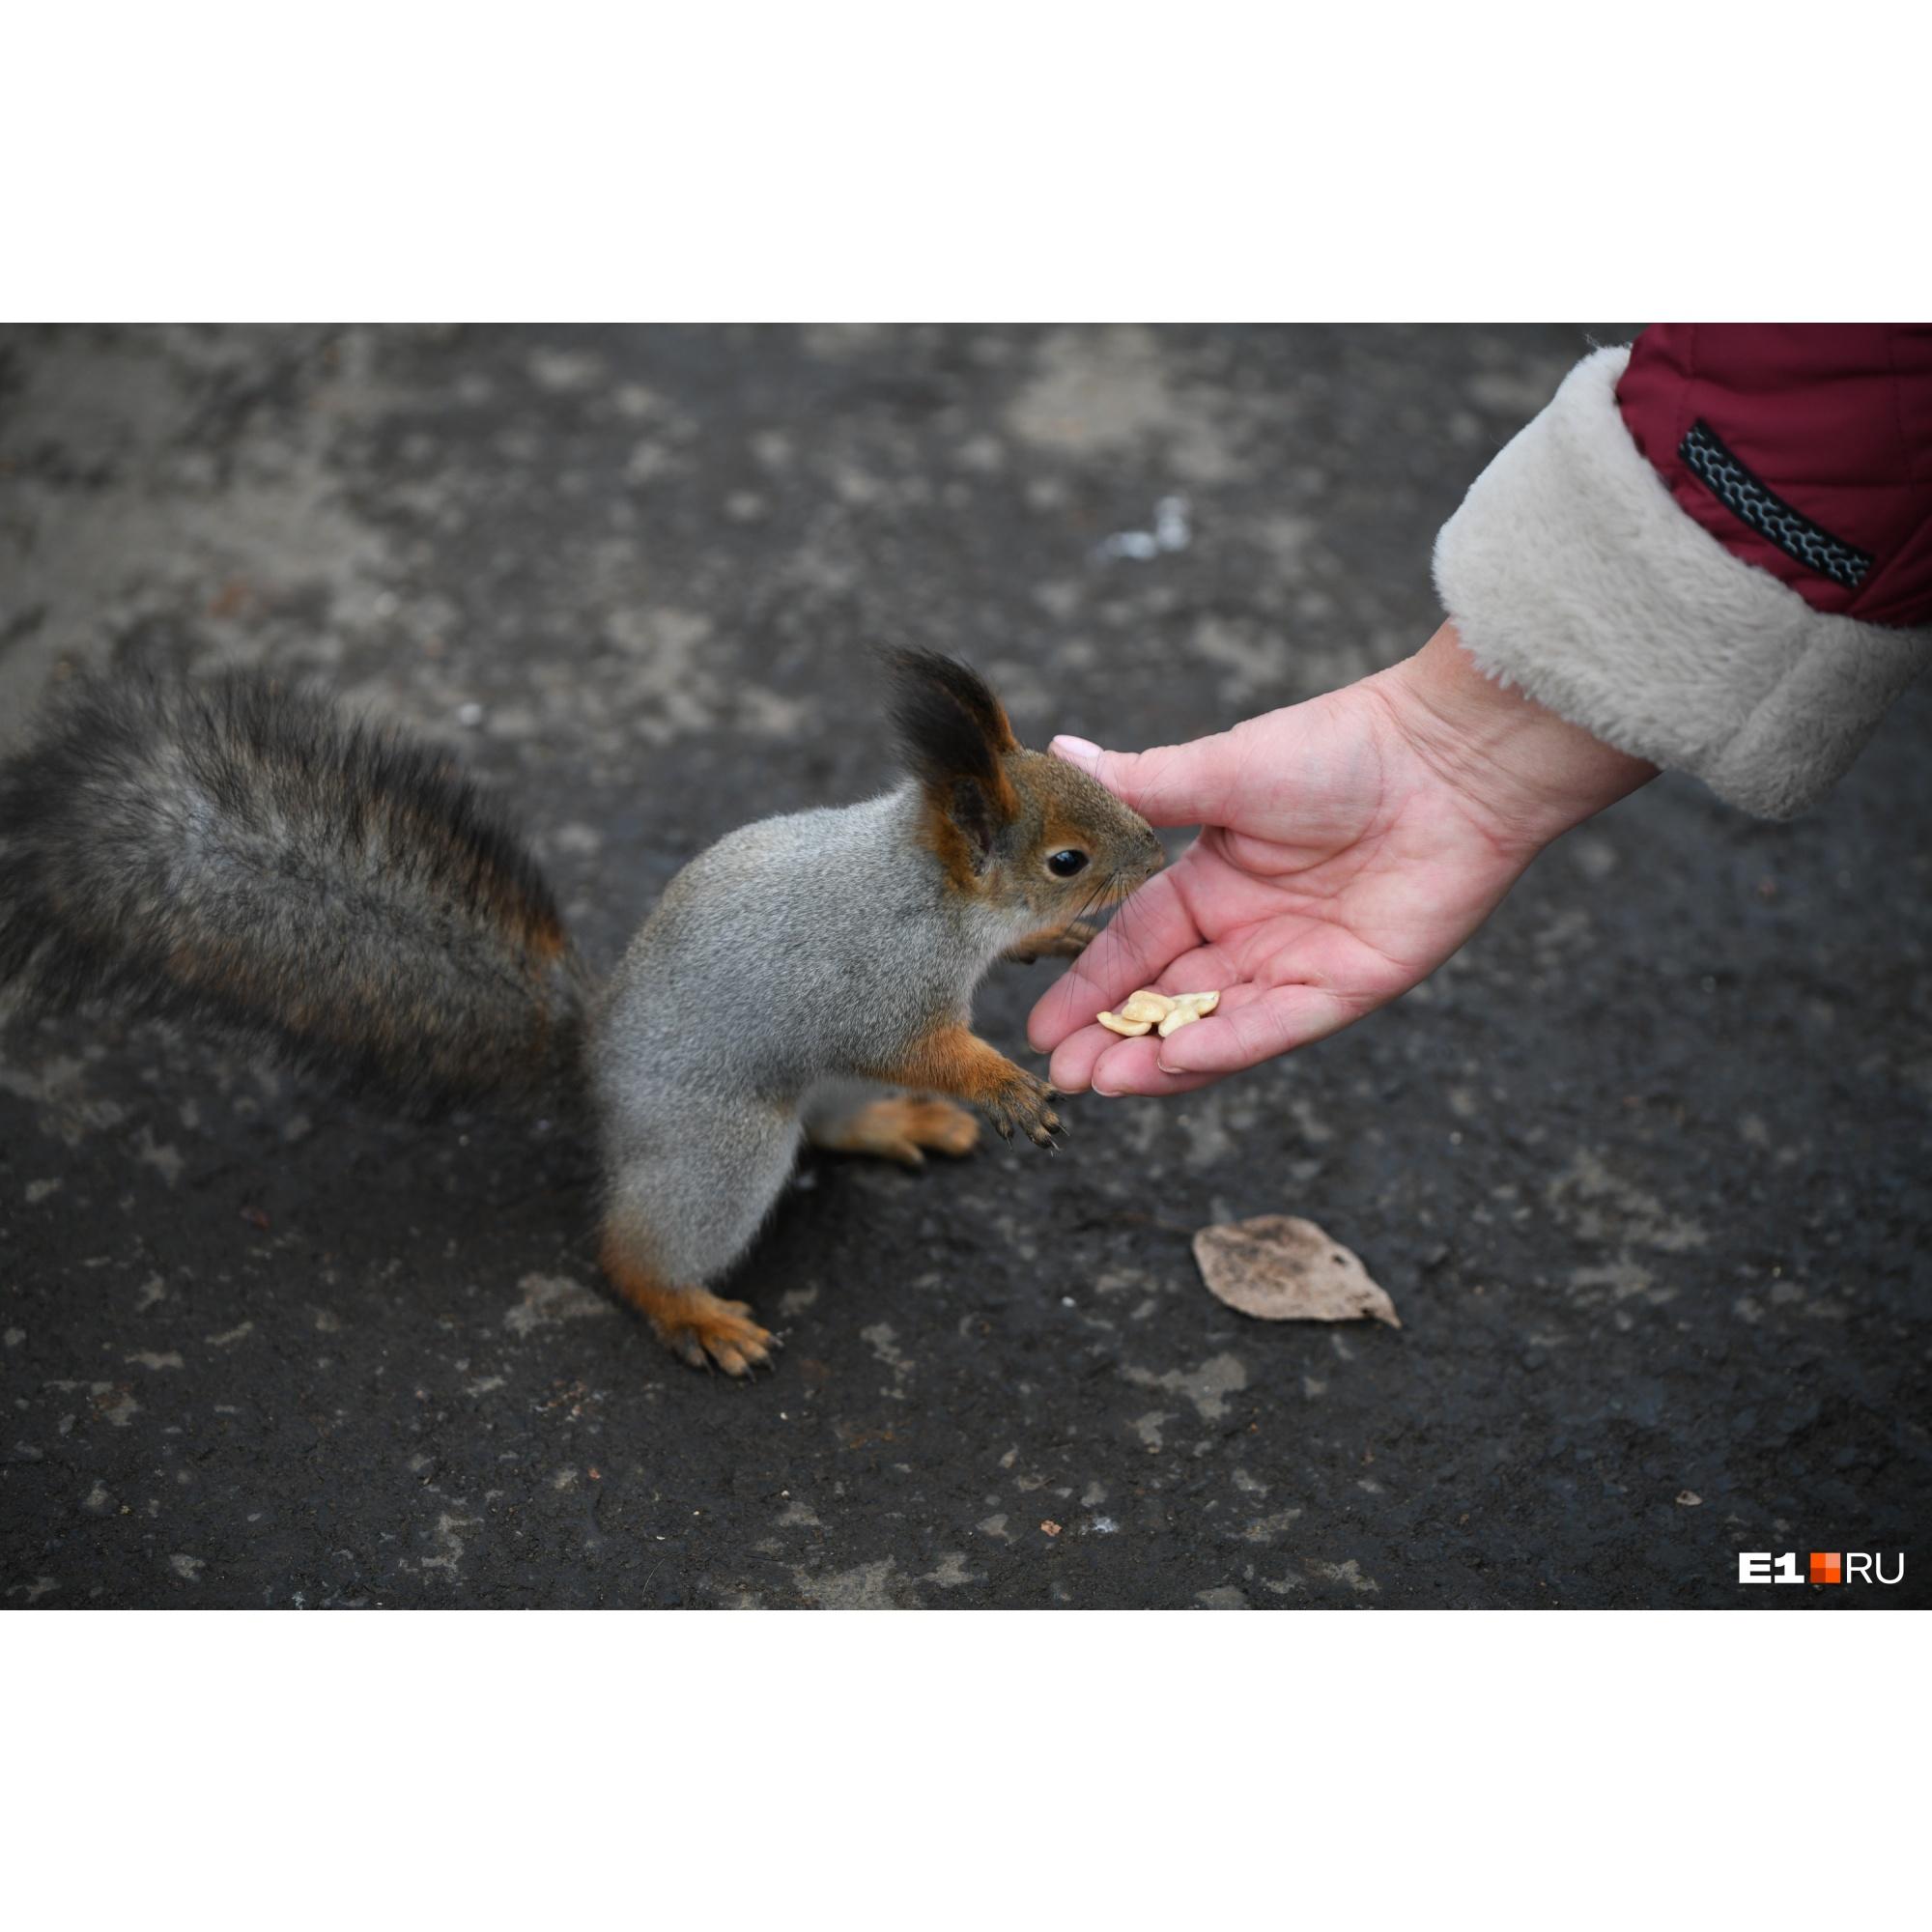 Посетители парка кормят их жареным арахисом